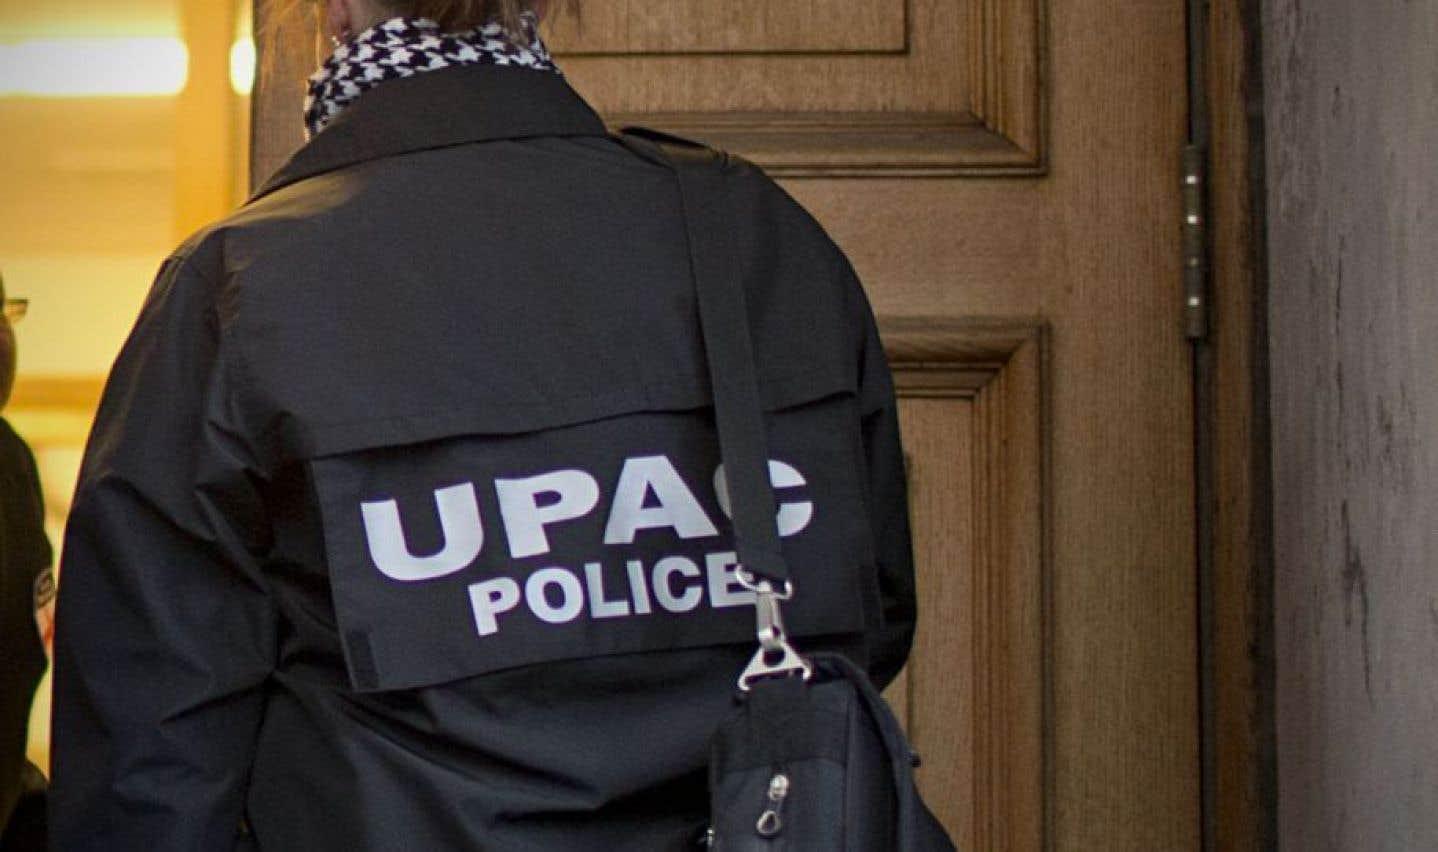 Il s'agit de la seconde opération de l'UPAC à Terrebonne en deux semaines.